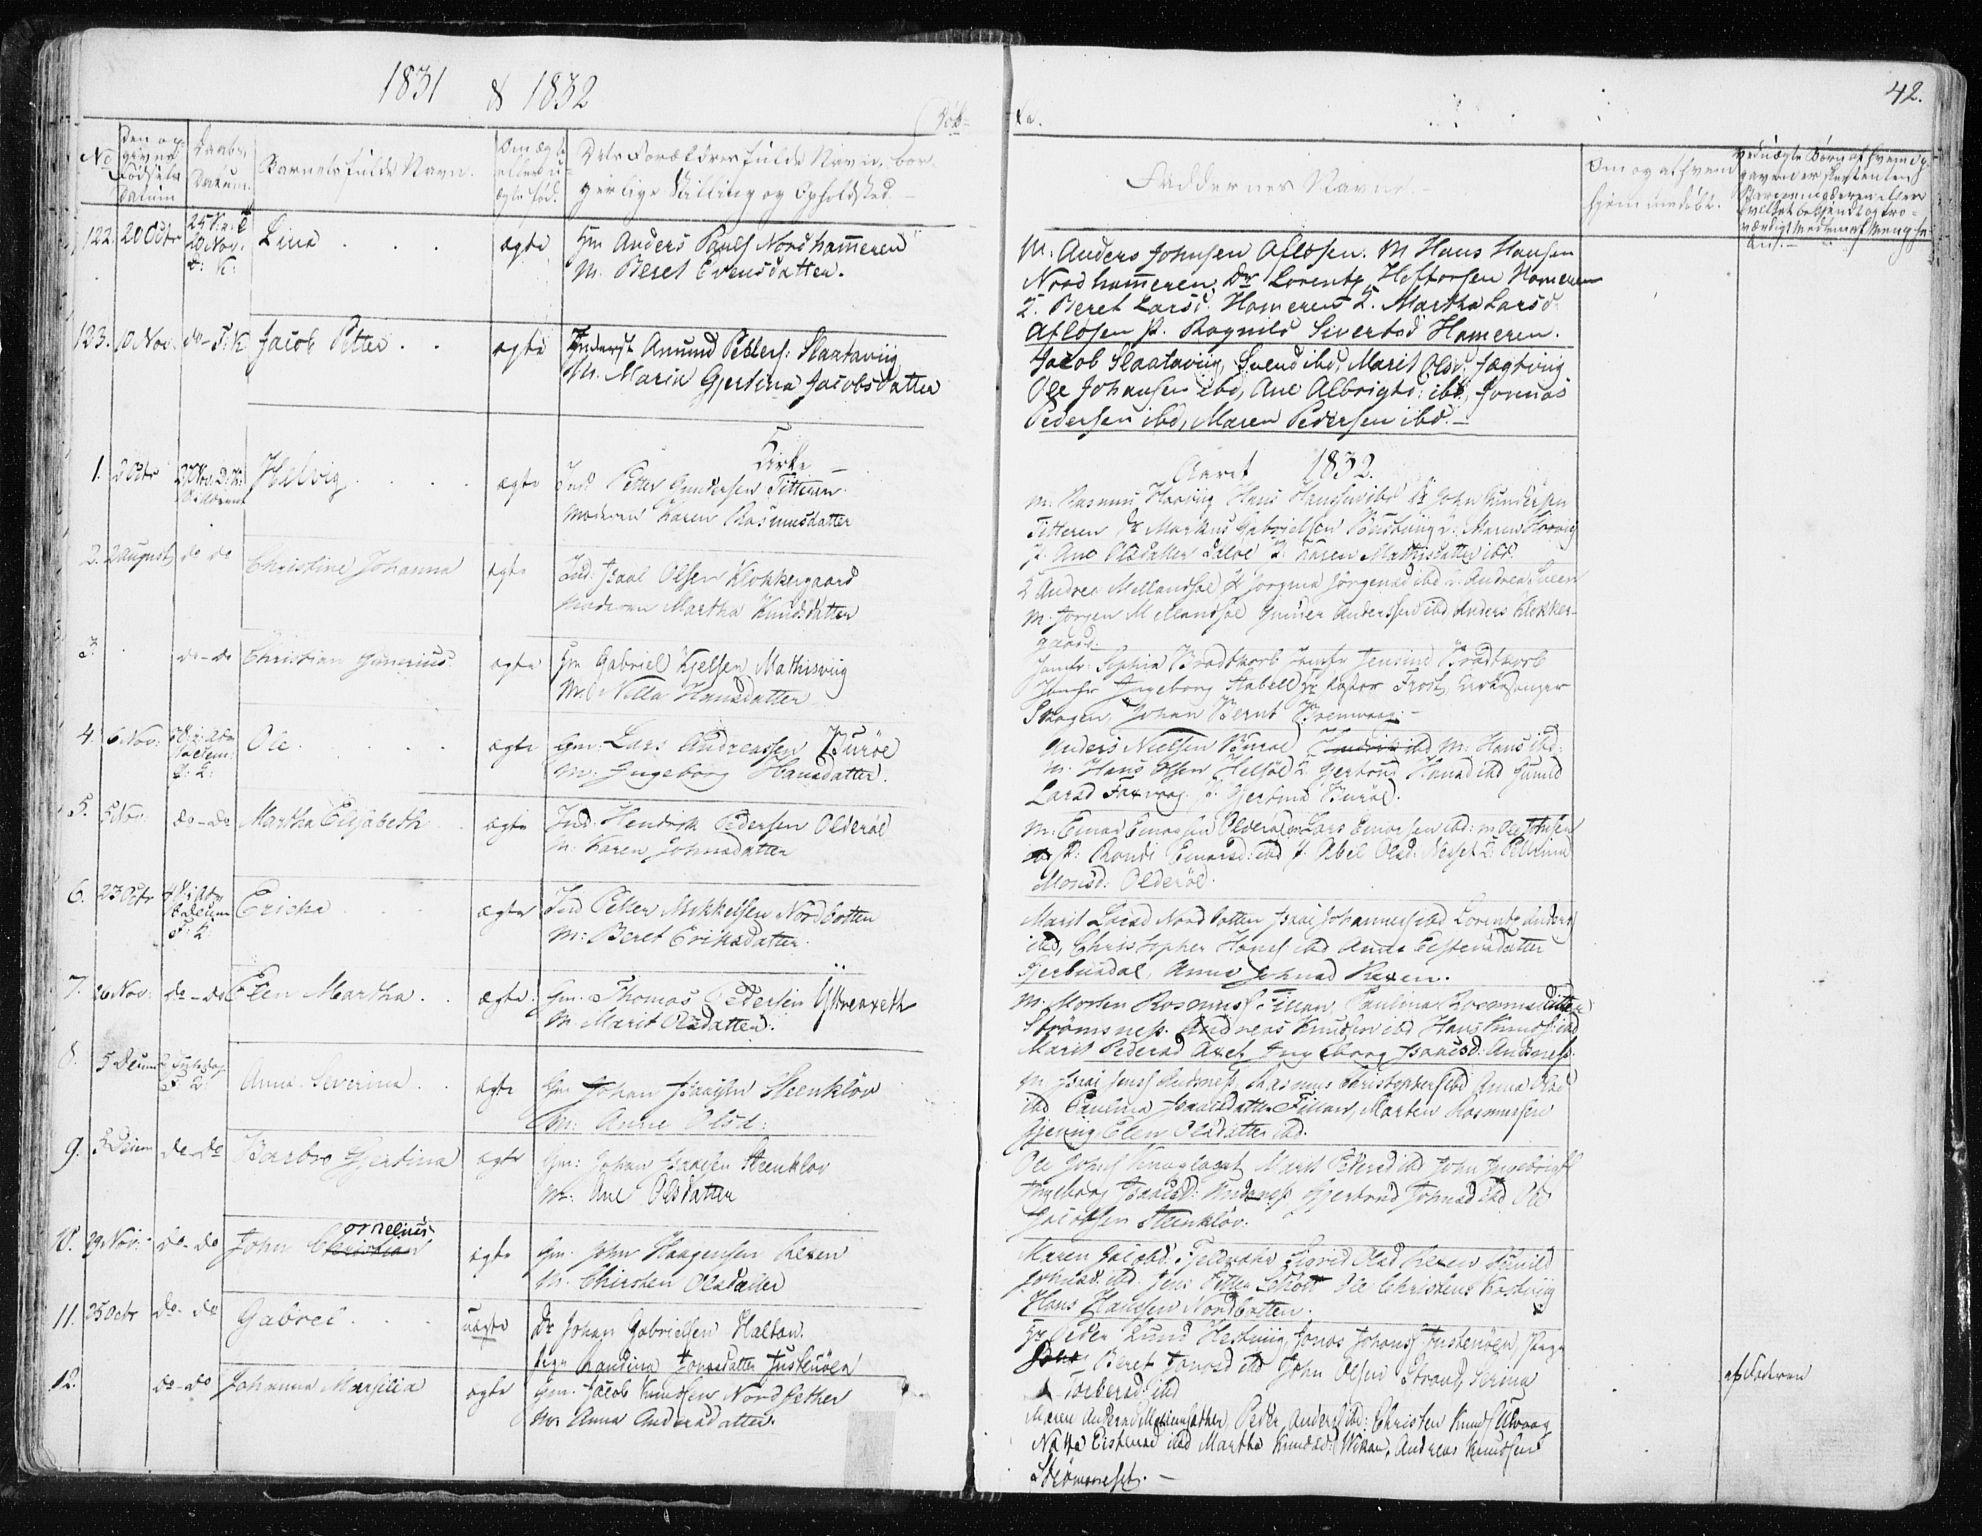 SAT, Ministerialprotokoller, klokkerbøker og fødselsregistre - Sør-Trøndelag, 634/L0528: Ministerialbok nr. 634A04, 1827-1842, s. 42